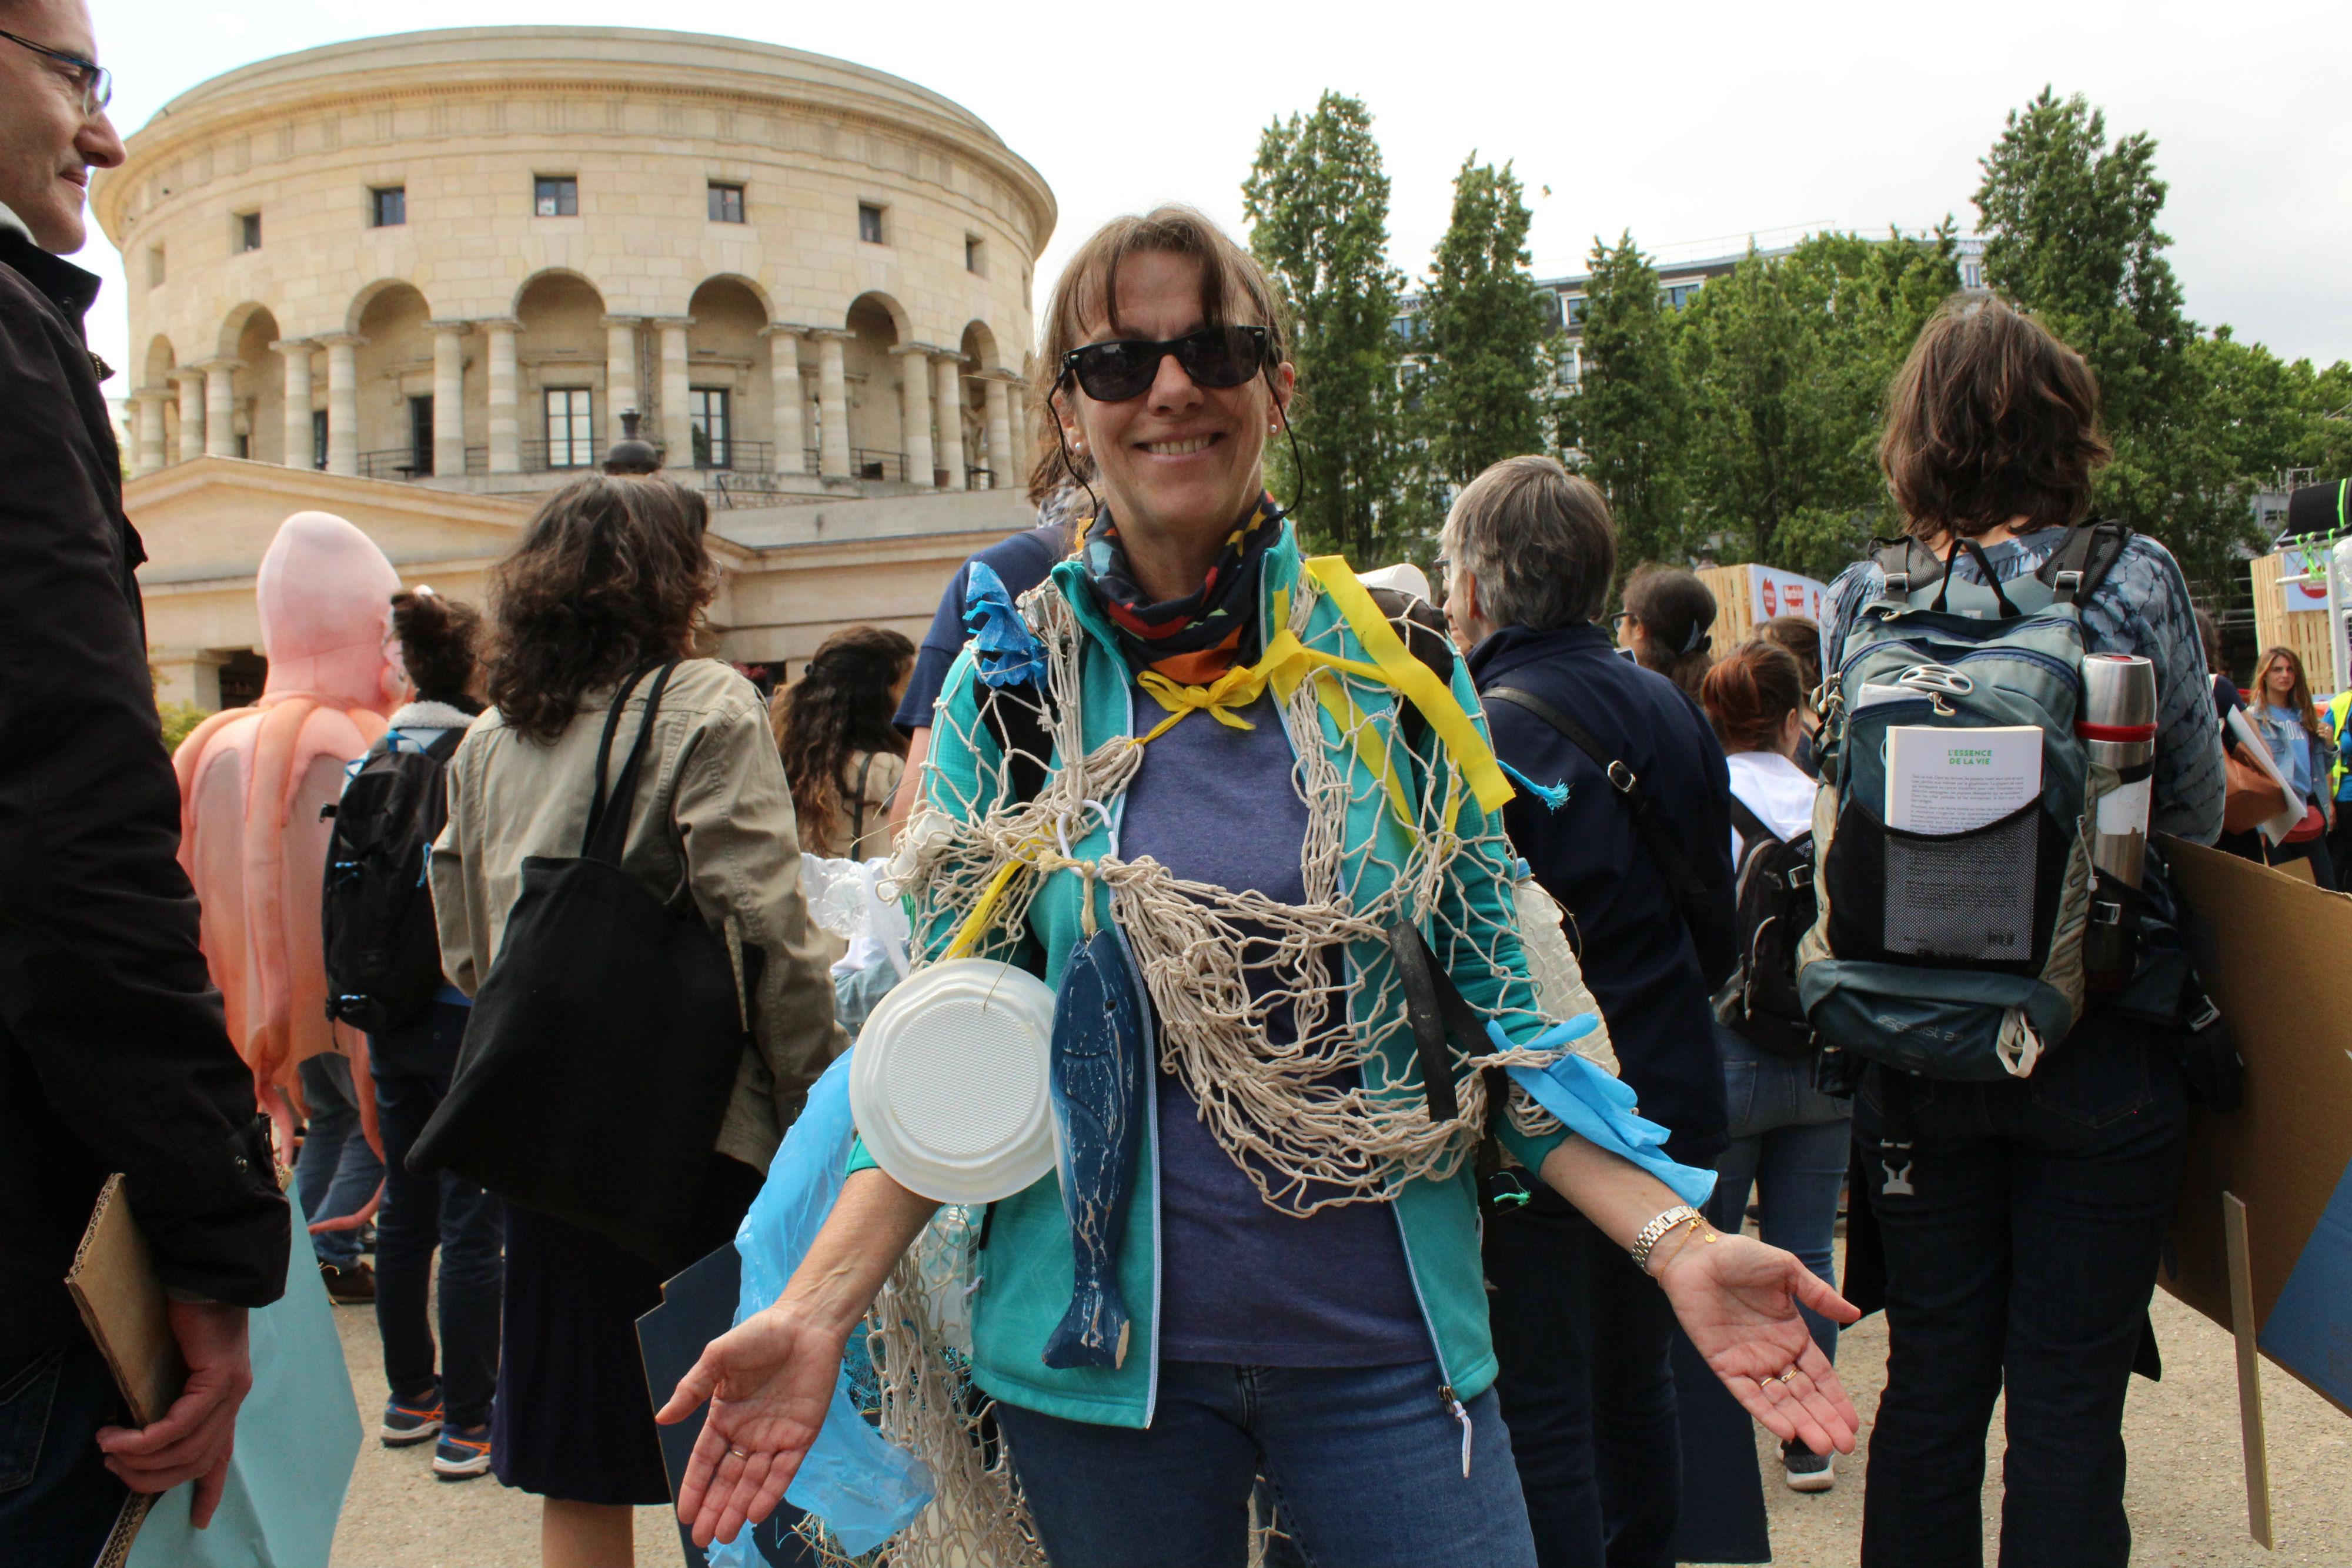 Pour dénoncer la pollution des océans, des manifestant.e.s portaient des déchets en plastique par-dessus leur vêtements / ©Cypriane El-Chami